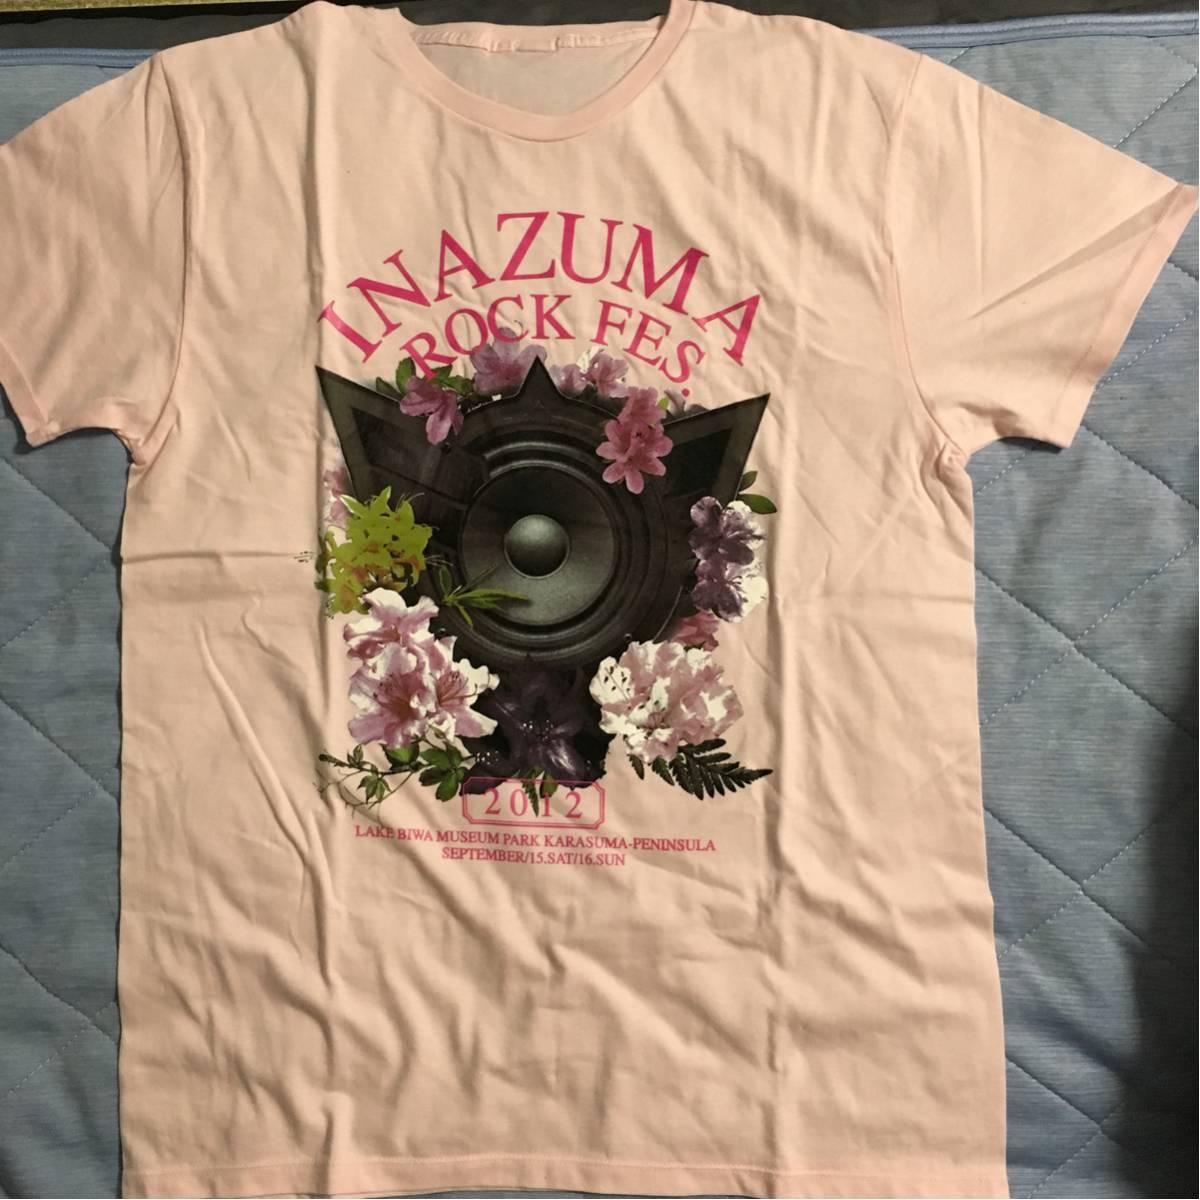 イナズマロックフェス 2012 Tシャツ T.M.Revolution 新品 ライブグッズの画像